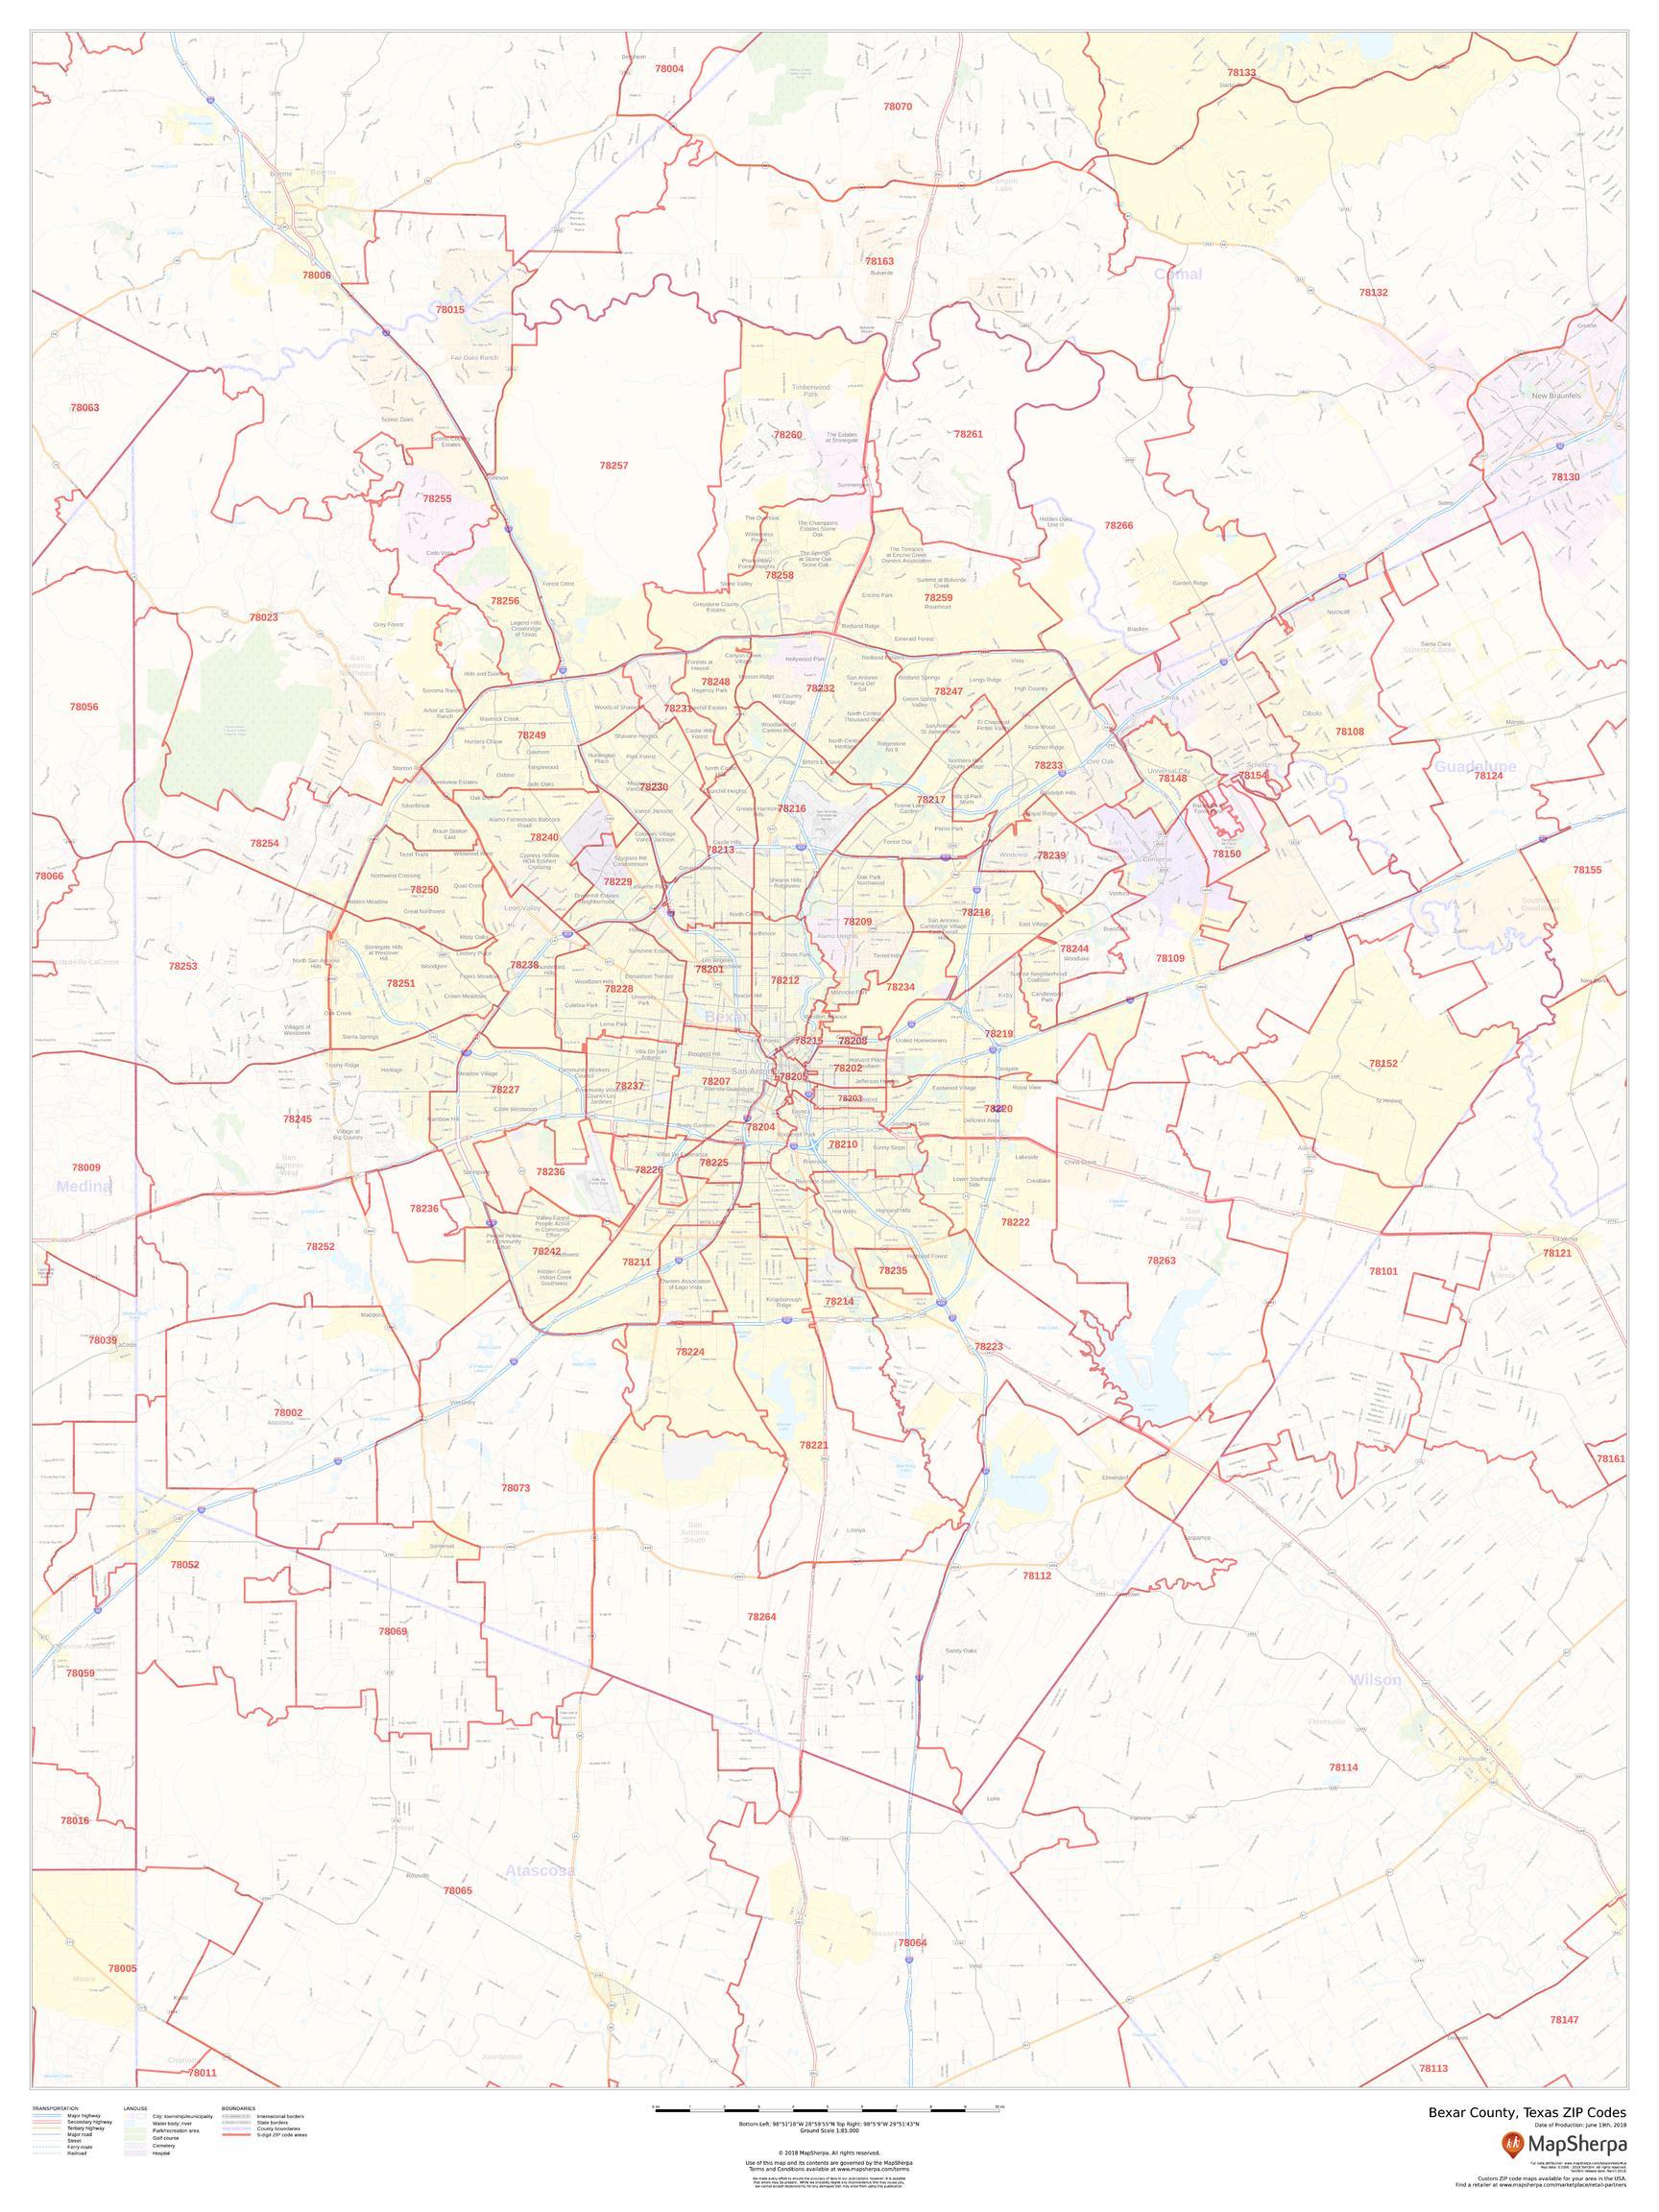 Bexar County ZIP Code Map (Texas)